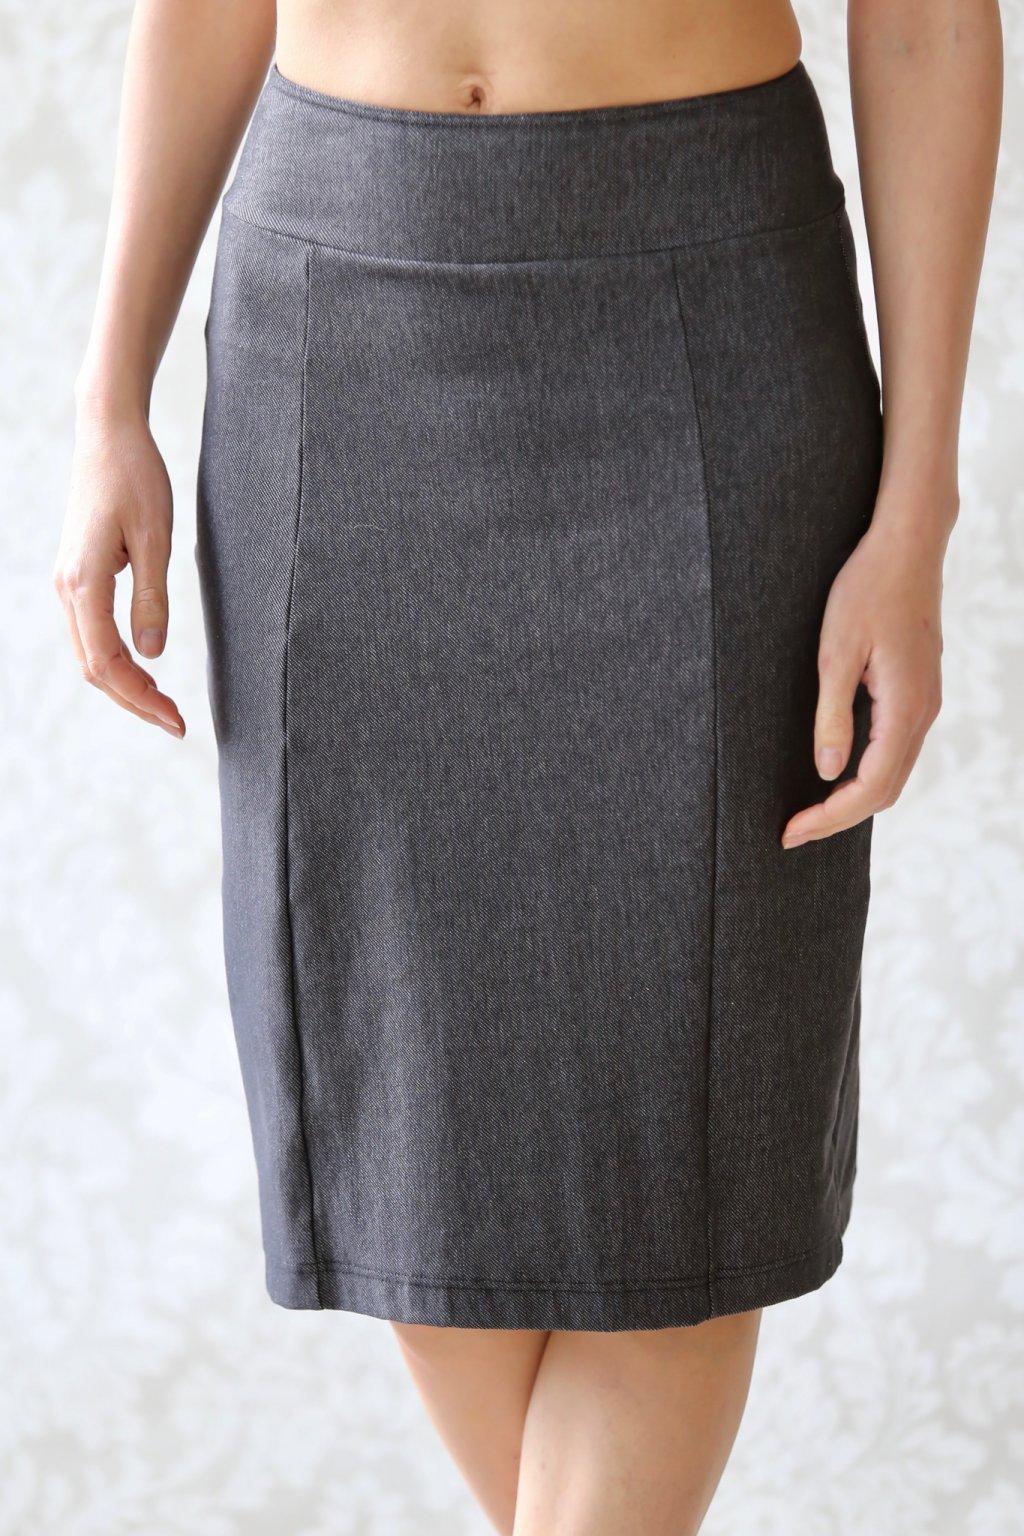 Džínová sukně do pasu Beáta / Antracit denim